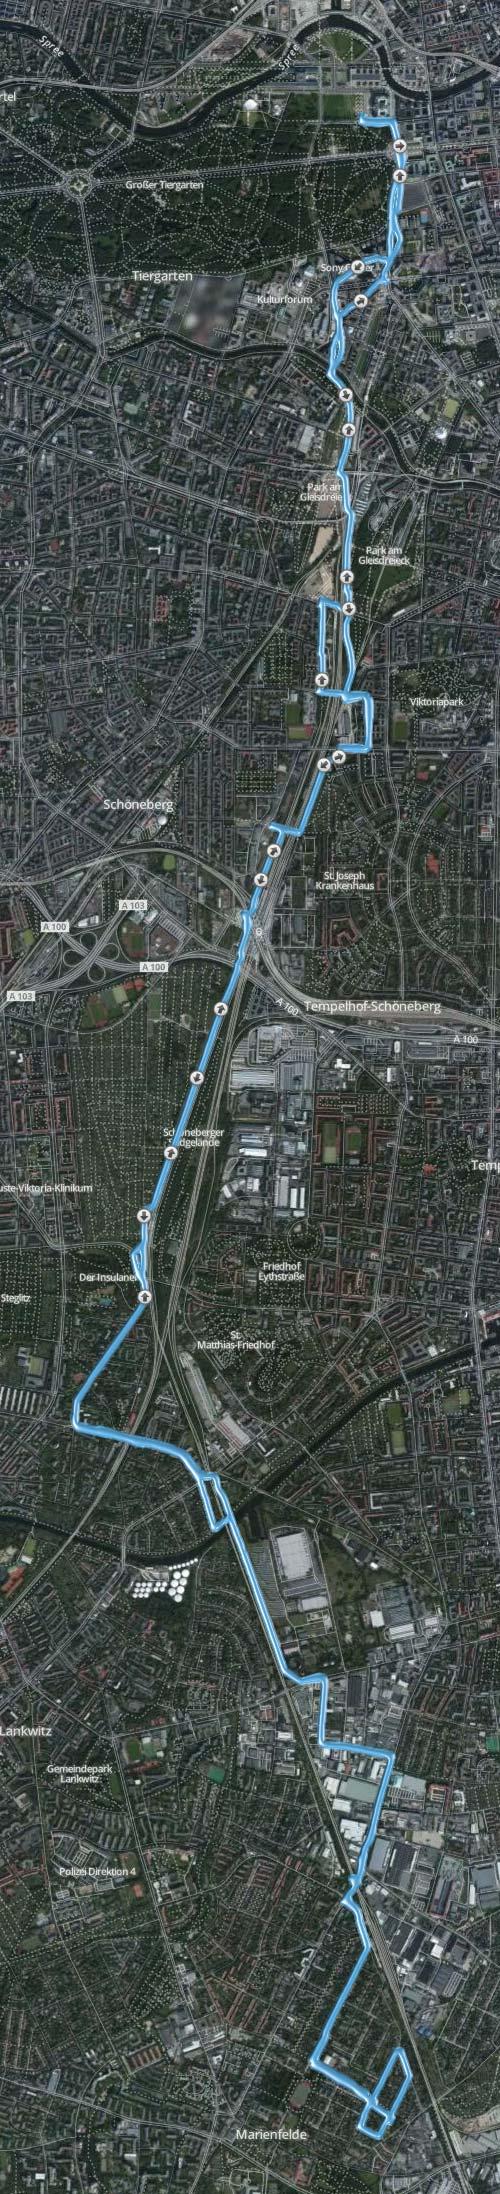 Karte mit der 30-km-Laufstrecke vom Berliner Süden zum Reichstag und zurück